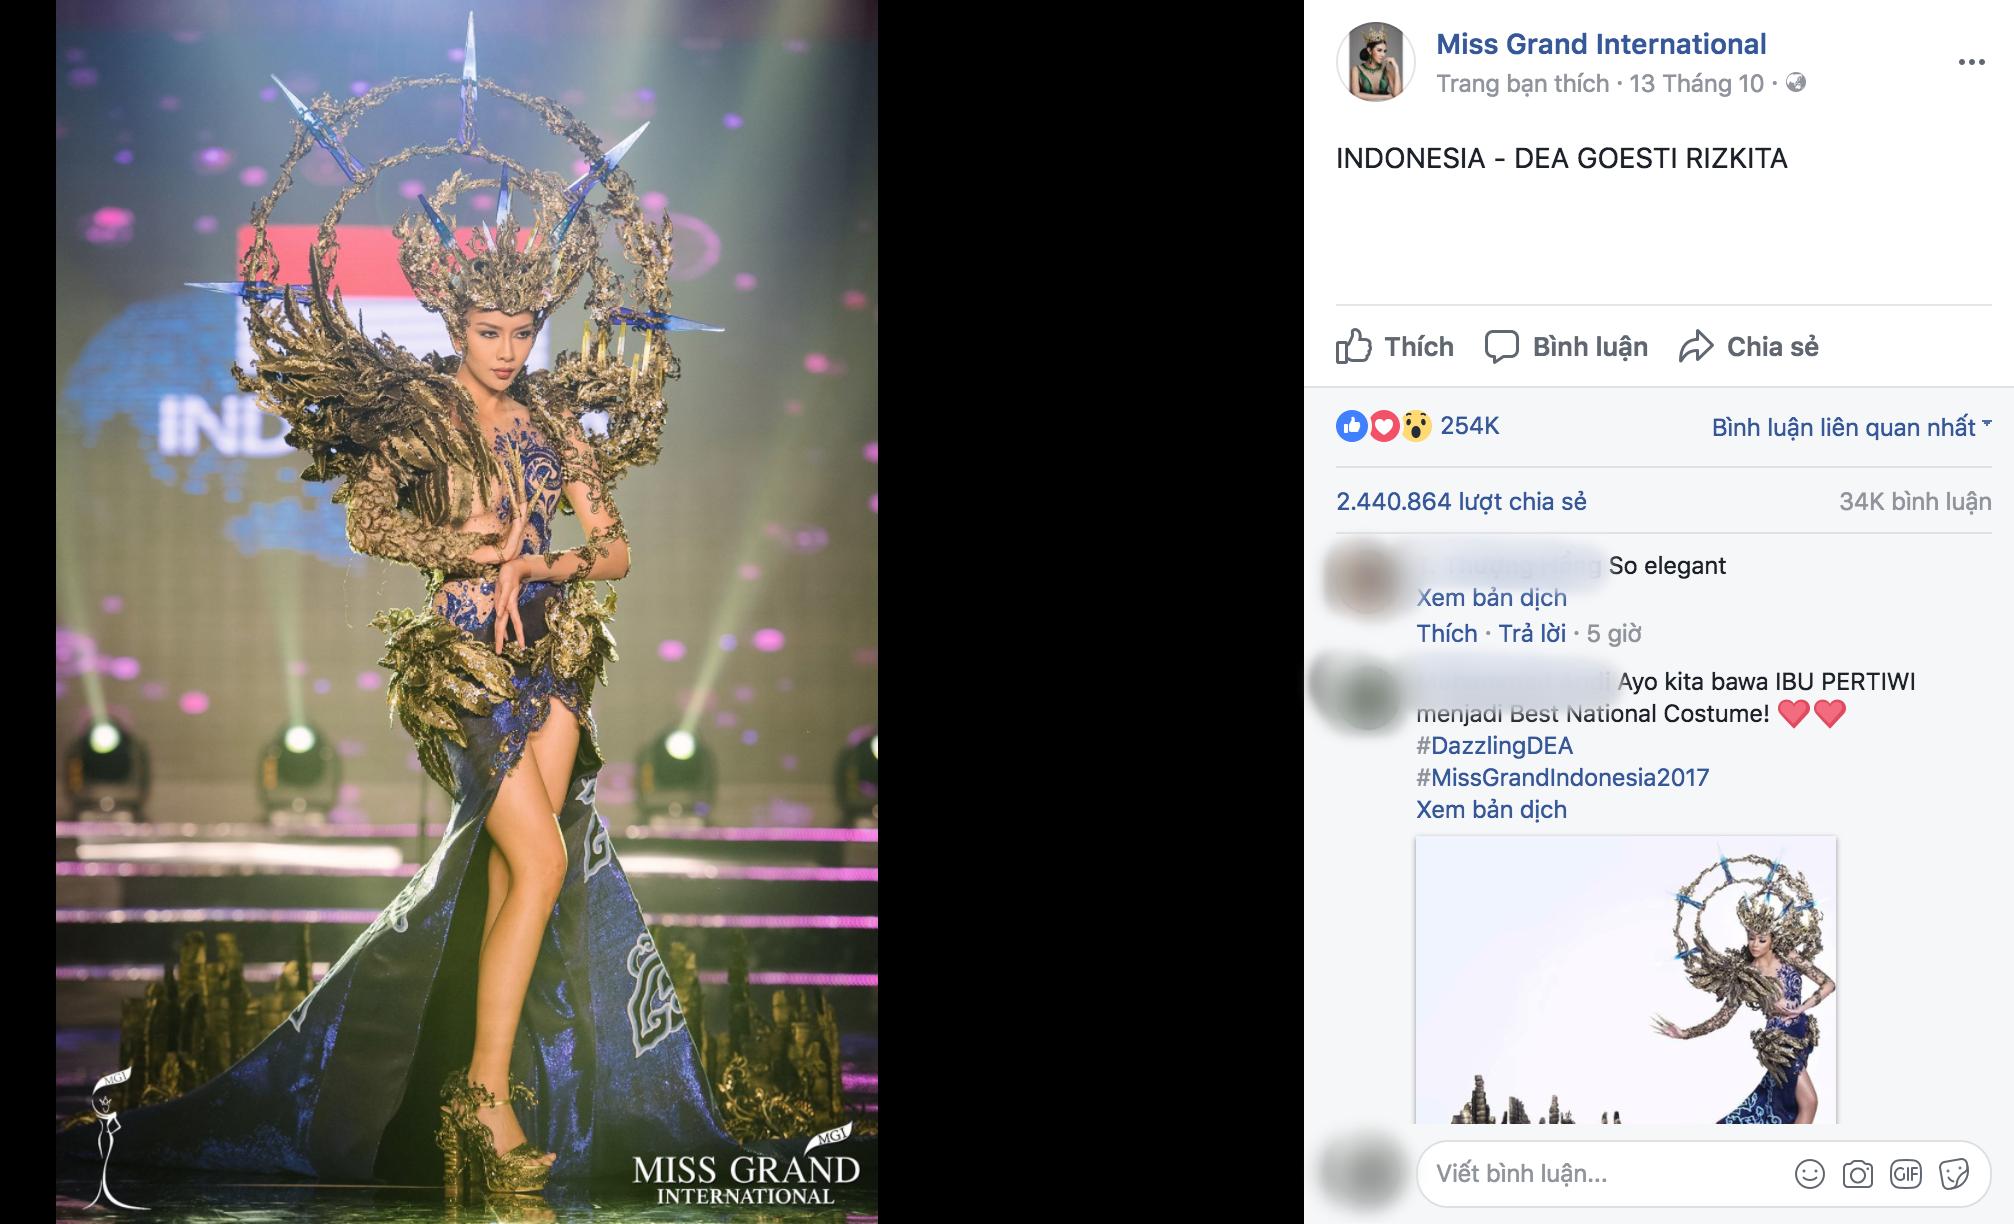 Chuyện hy hữu: BTC Miss Grand International công bố nhầm Top 1 bình chọn Trang phục dân tộc giữa Việt Nam và Indonesia - Ảnh 4.